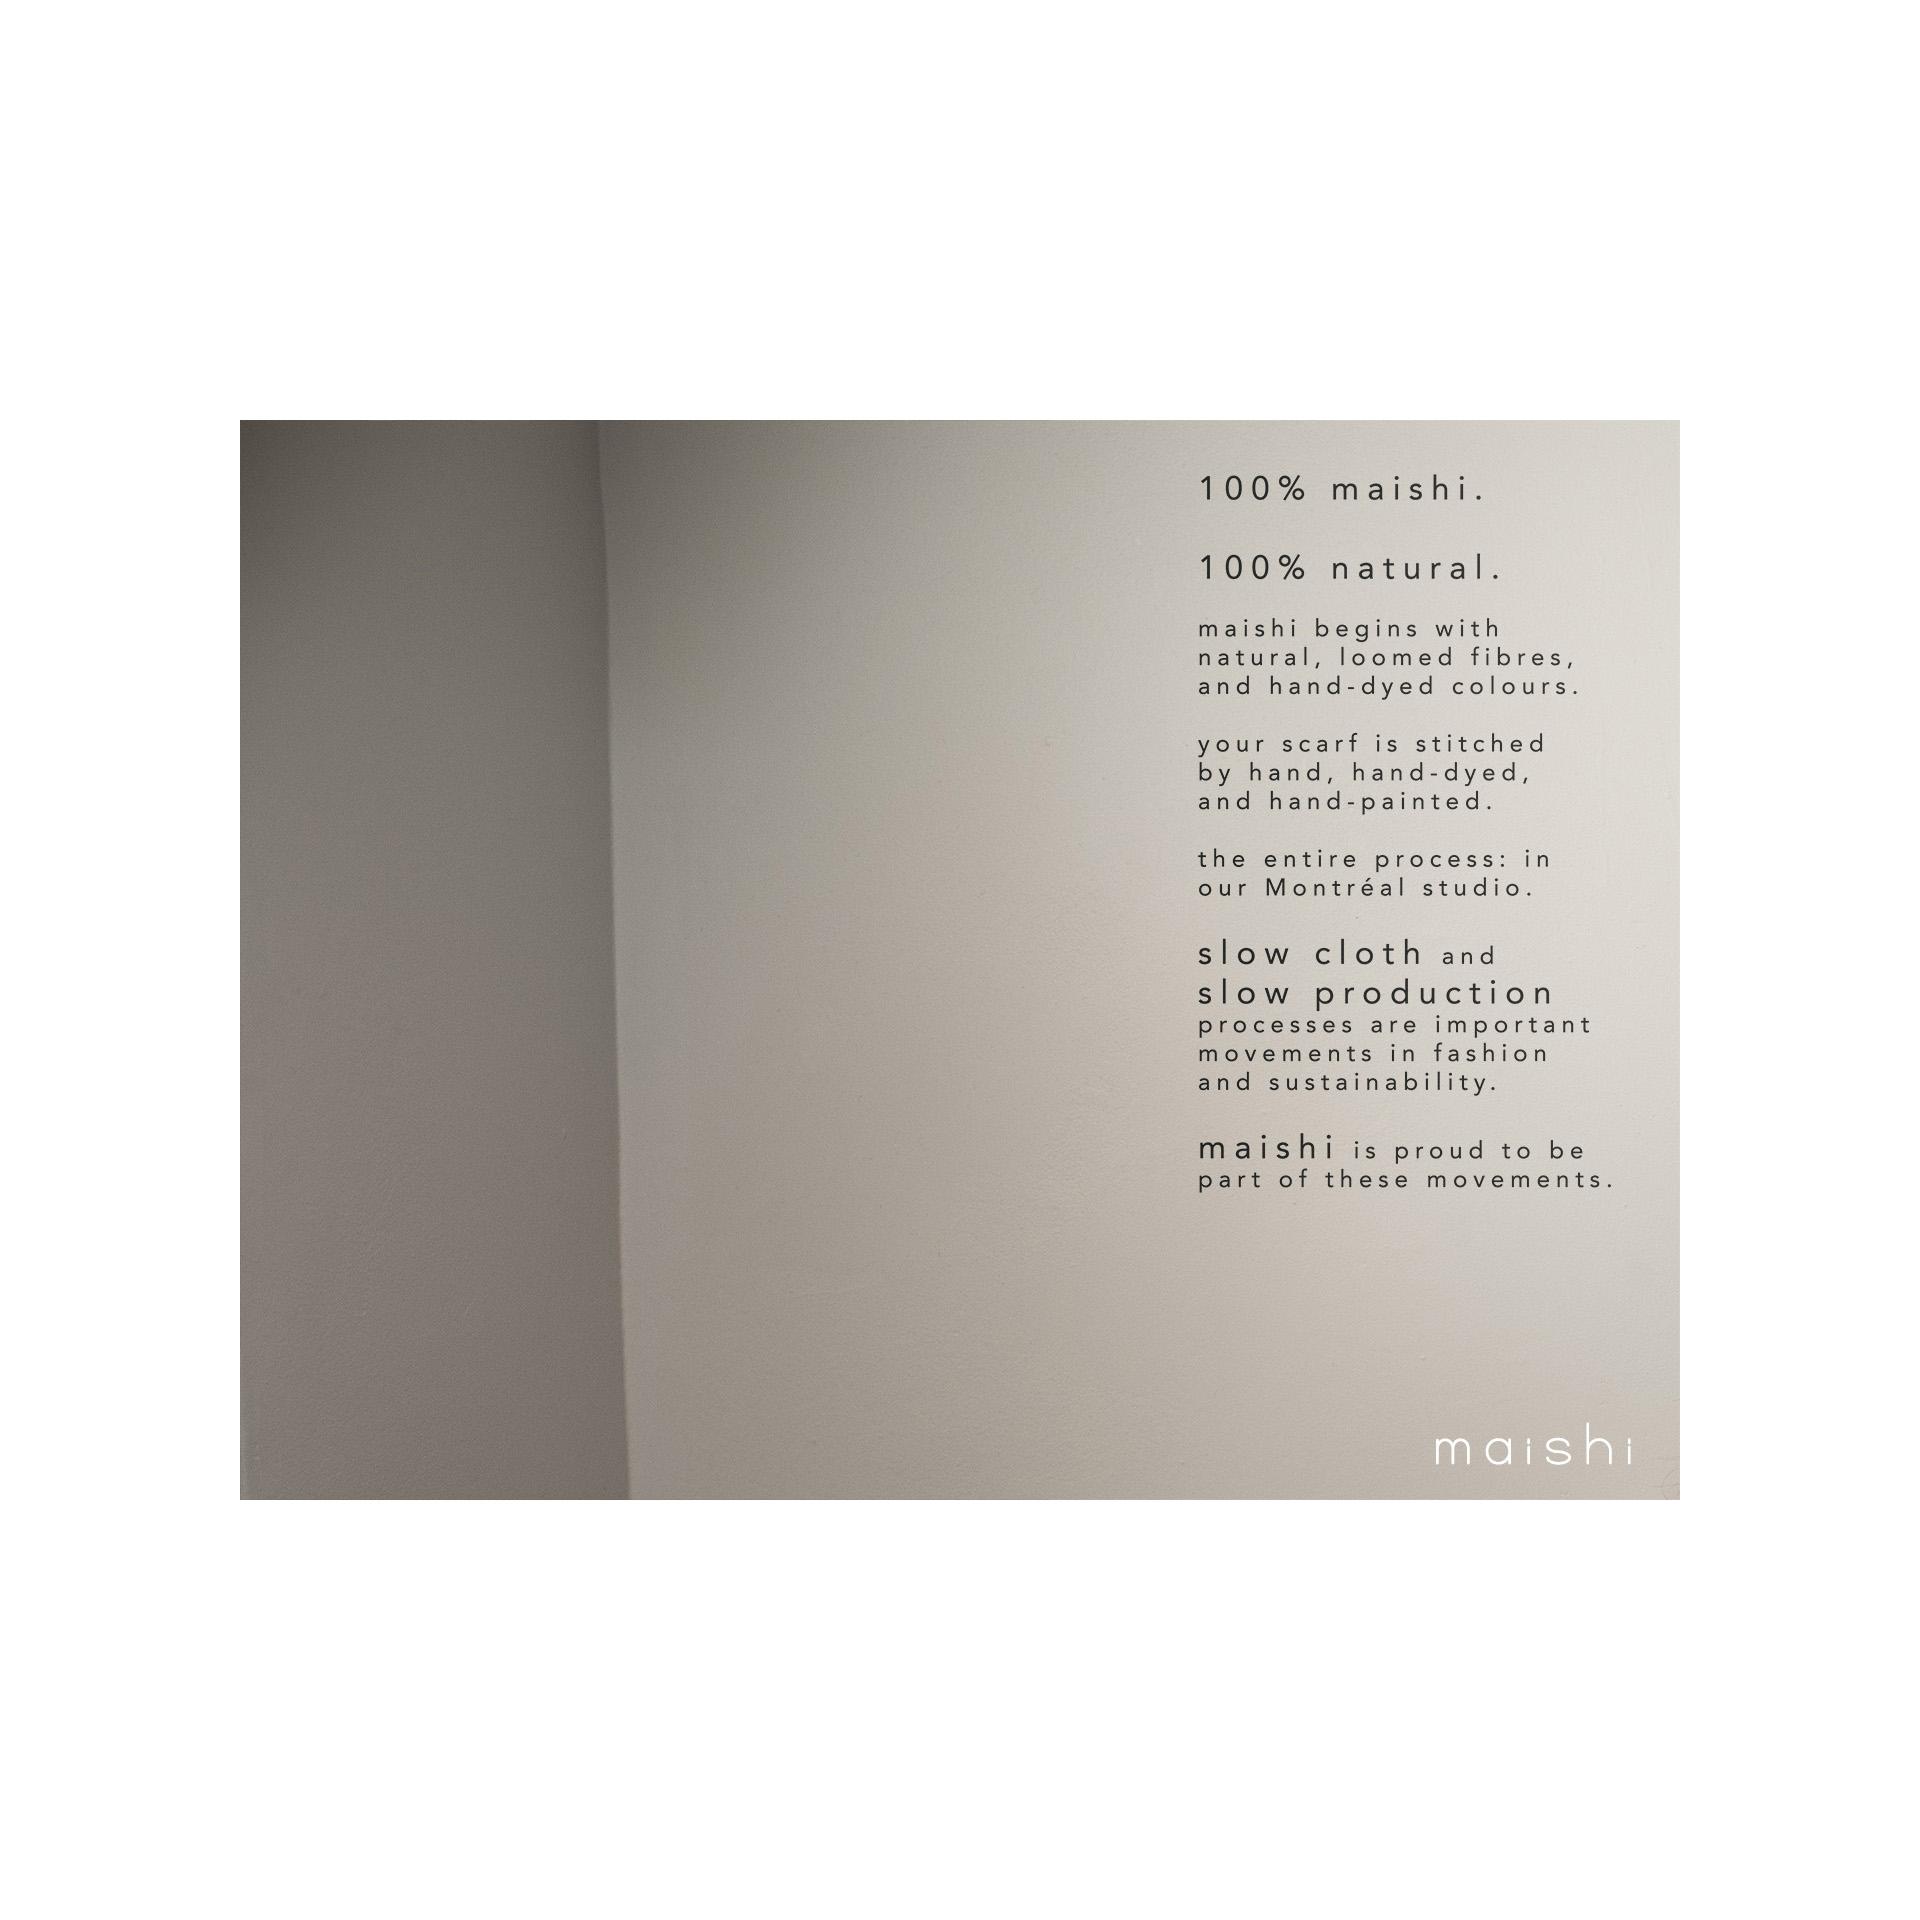 º38 SQ BRAND KEY IIIIIIIIIIIIIIIIIIIIII maishi Scarf Cotton Capsule PORTRAIT Lookbook TXT 1440.jpg